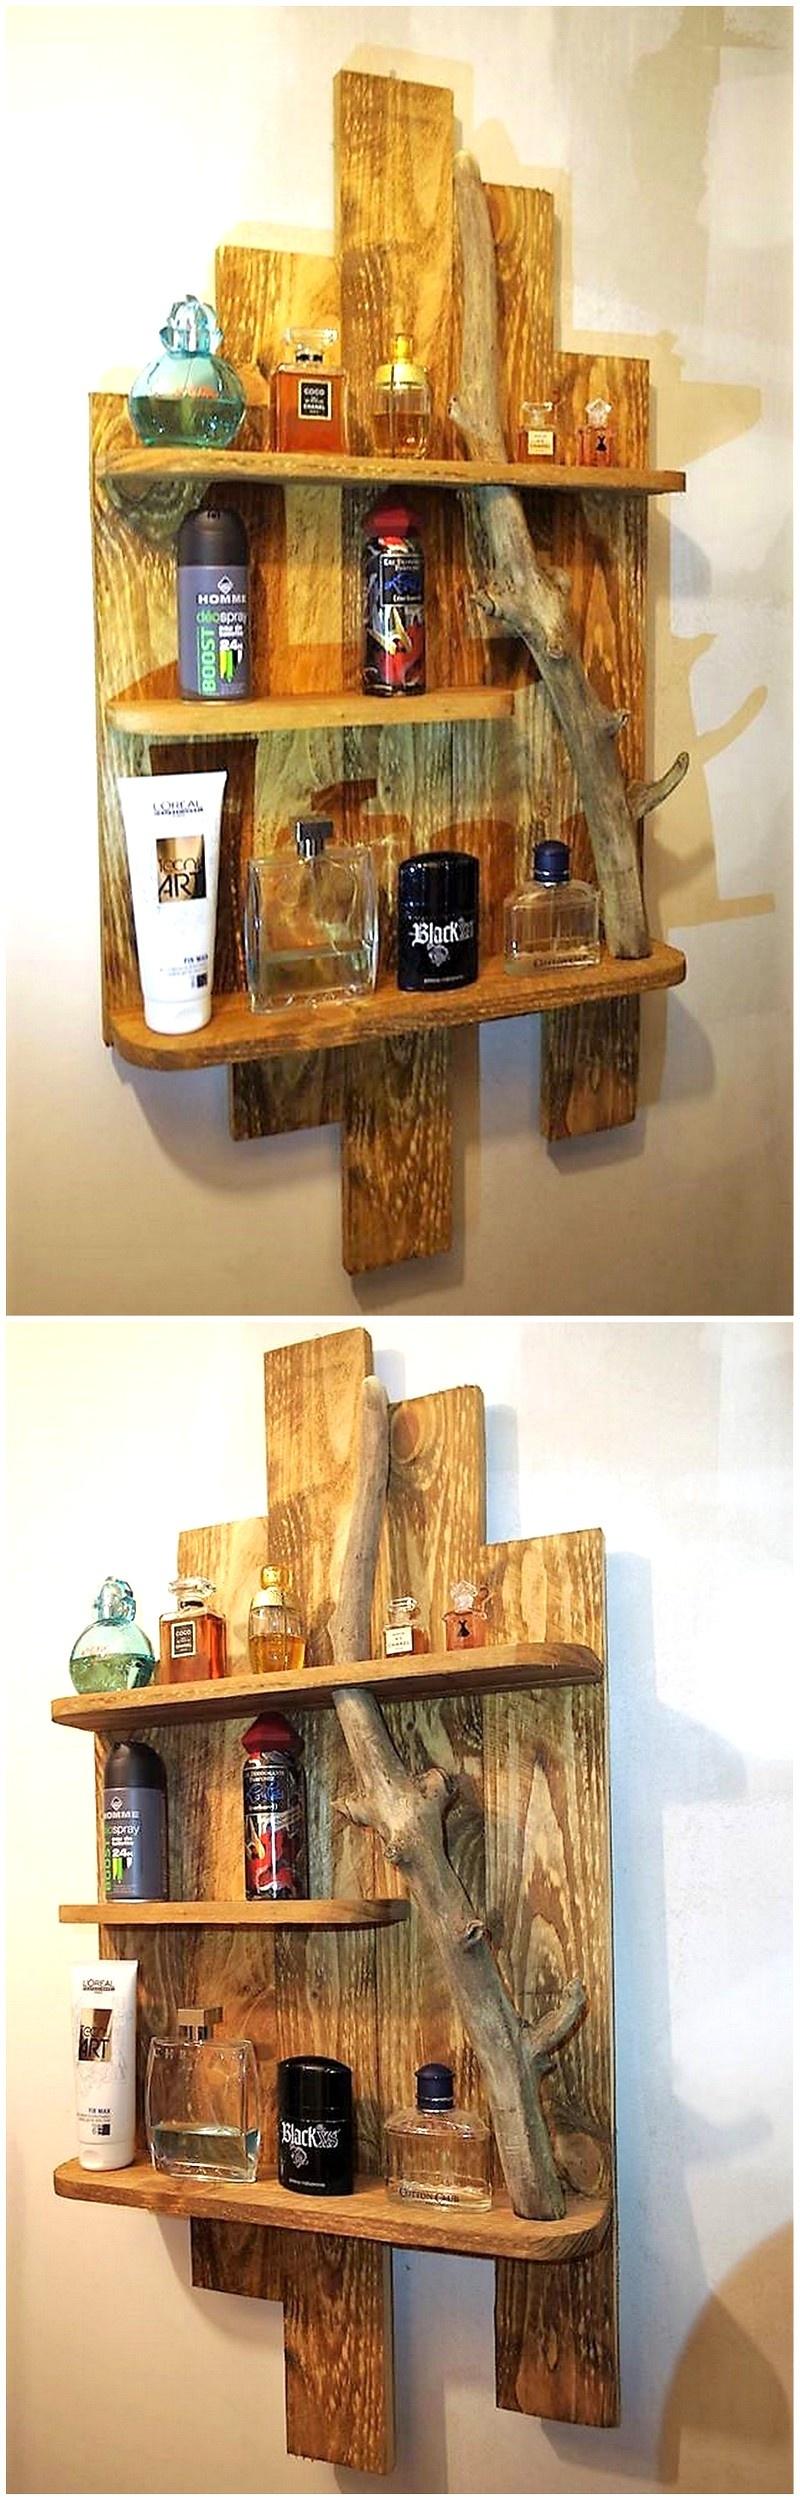 reclaimed pallet shelf art